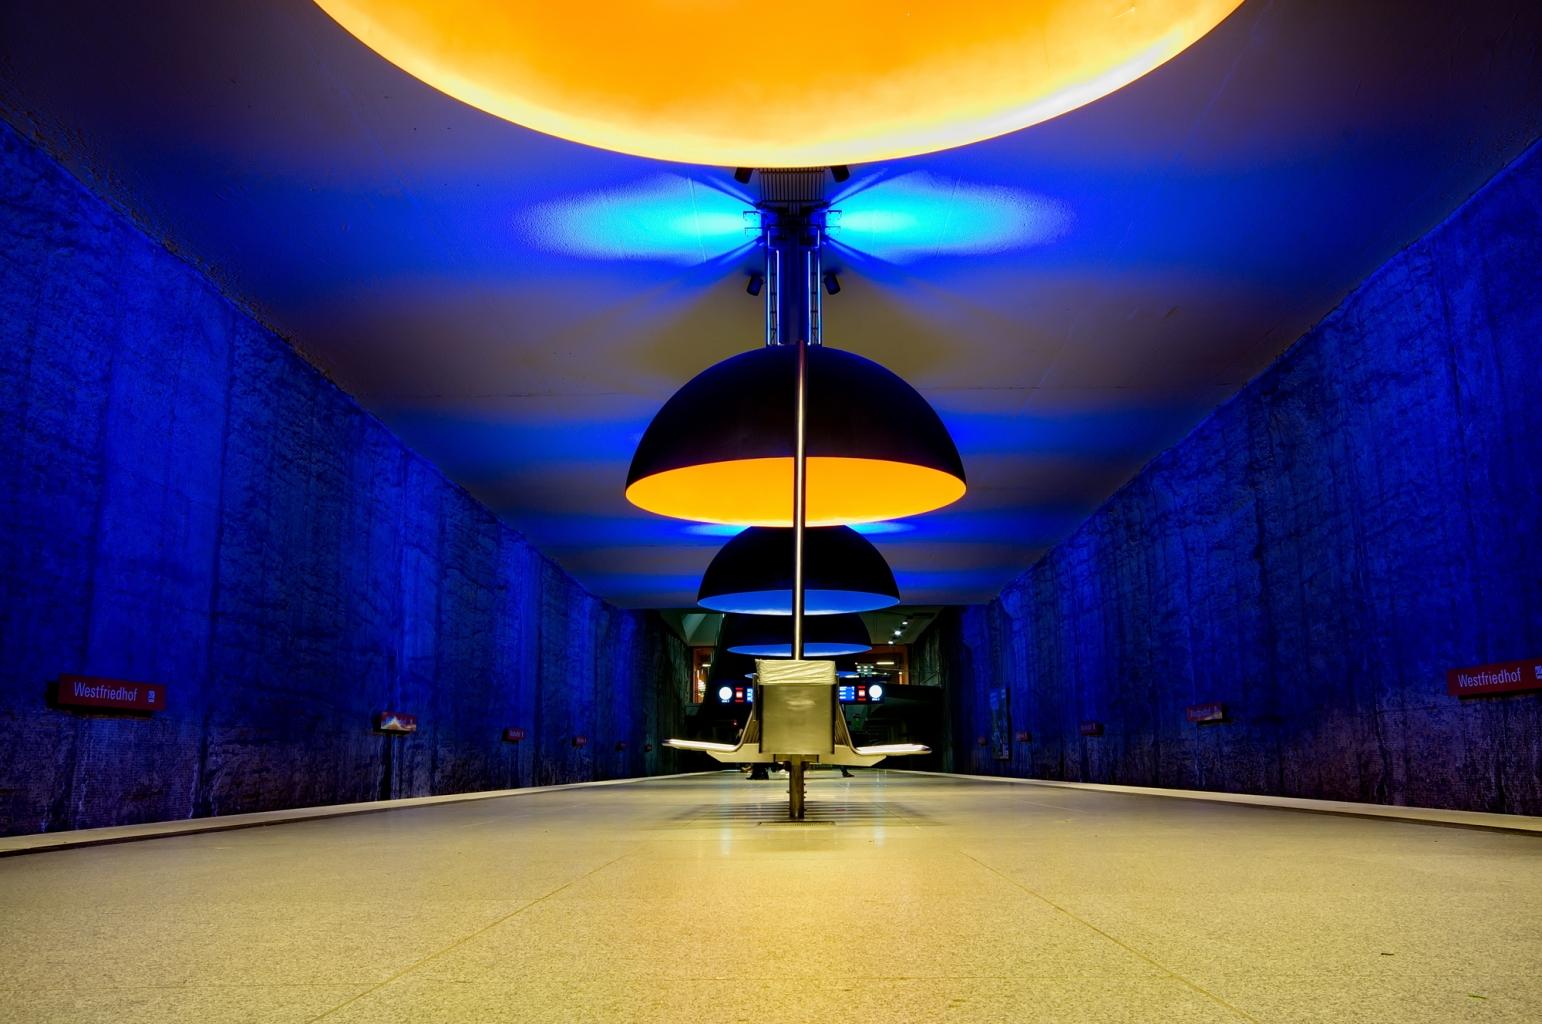 Sehenswürdigkeiten in München, die keine Sightseeingtour zeigt